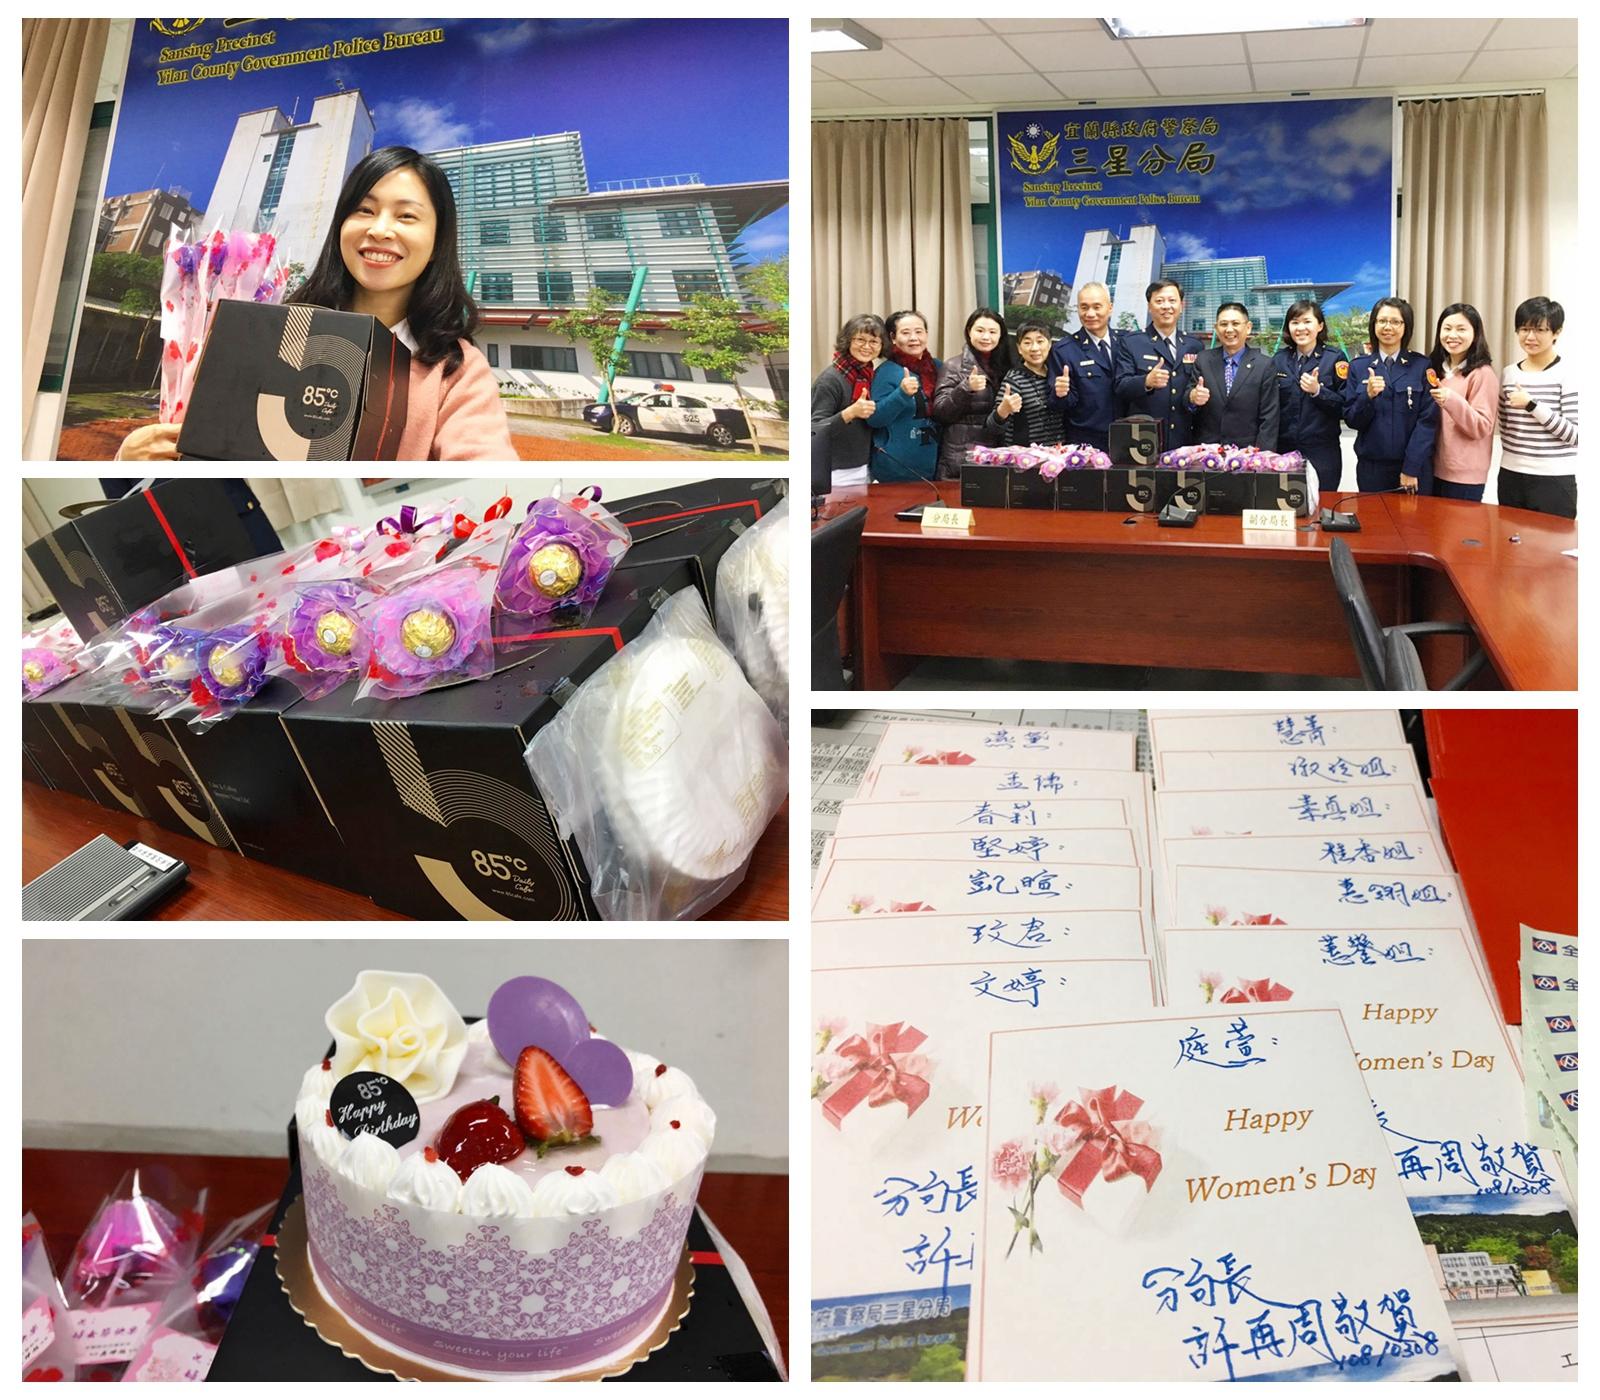 分局長代表局長致贈康乃馨及蛋糕 祝賀女性同仁母親節快樂